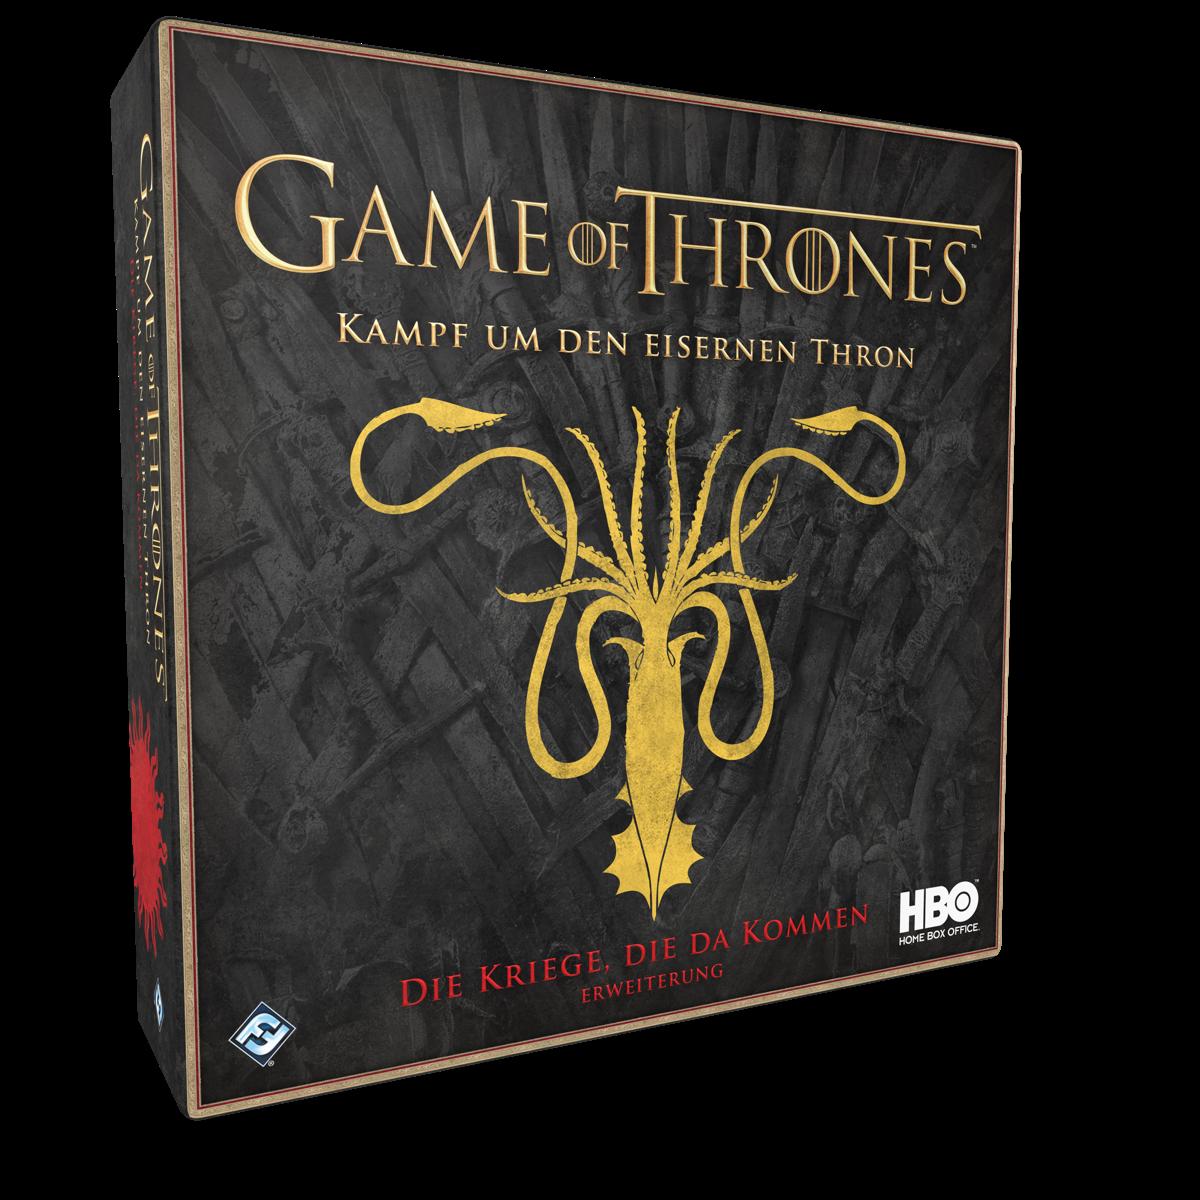 game of thrones kampf um den eisernen thron